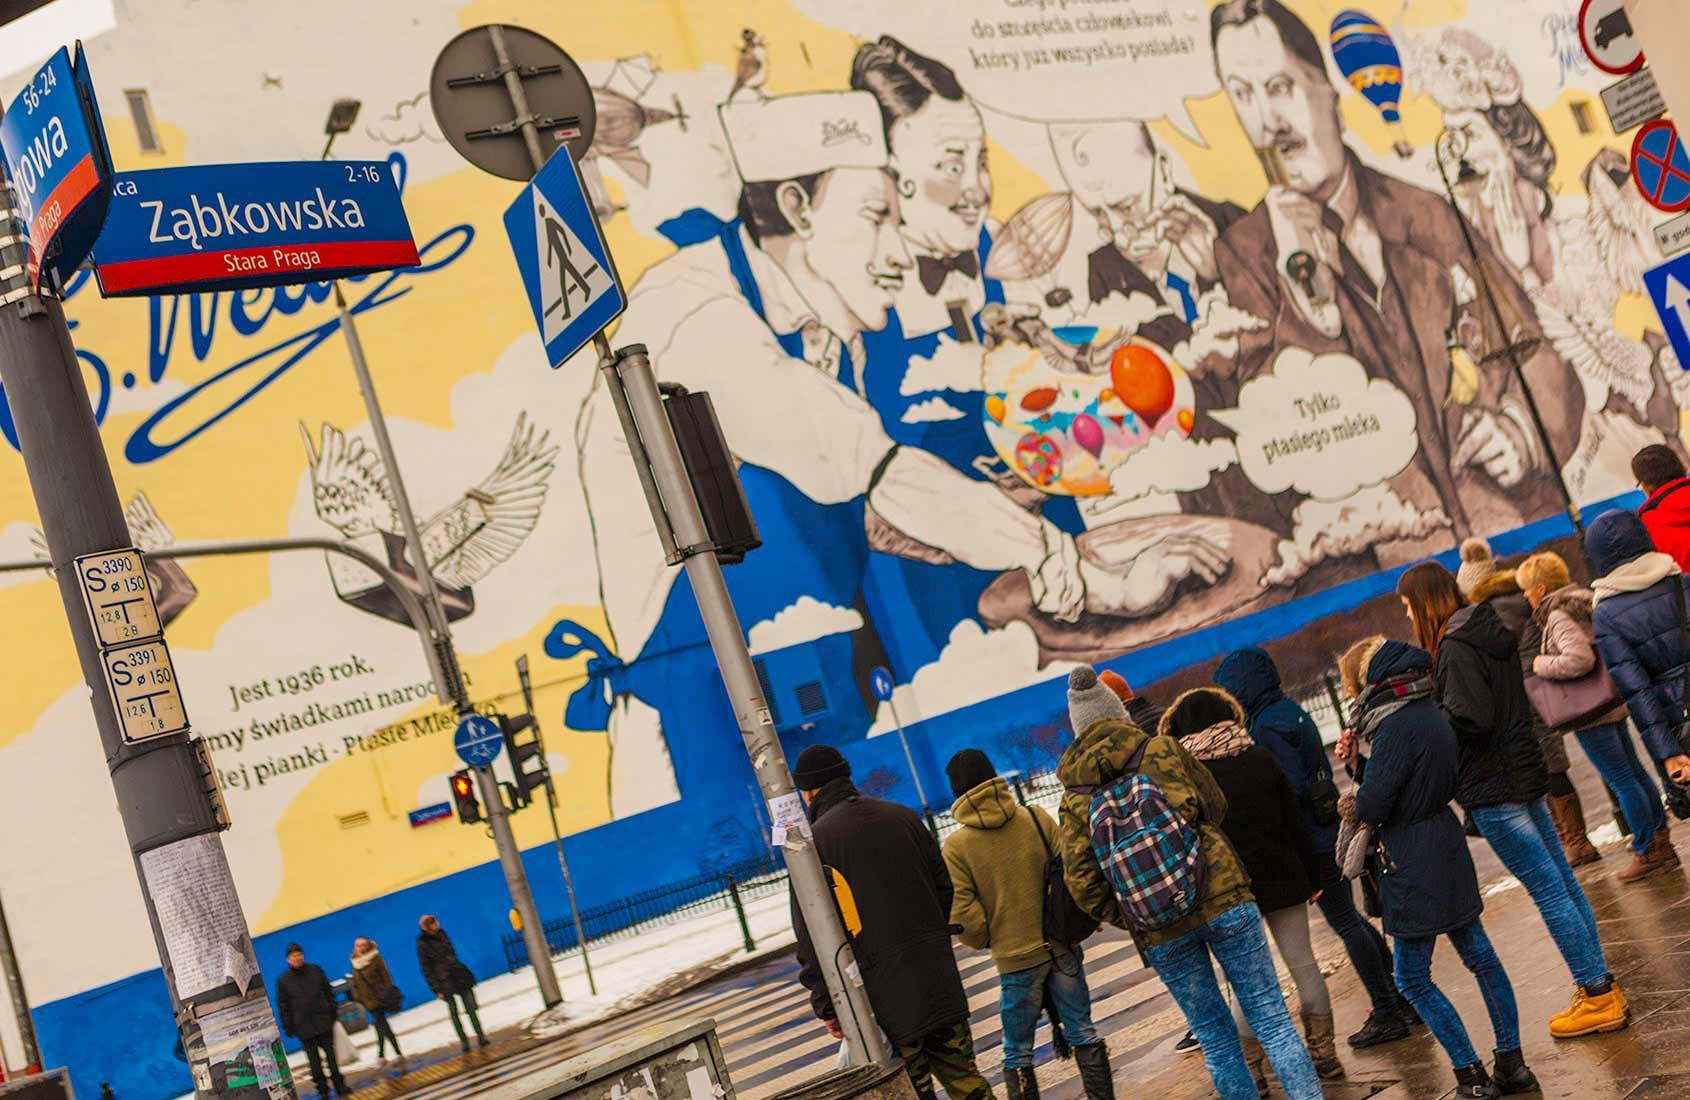 Wedel Zabkowska mural hybrydowy